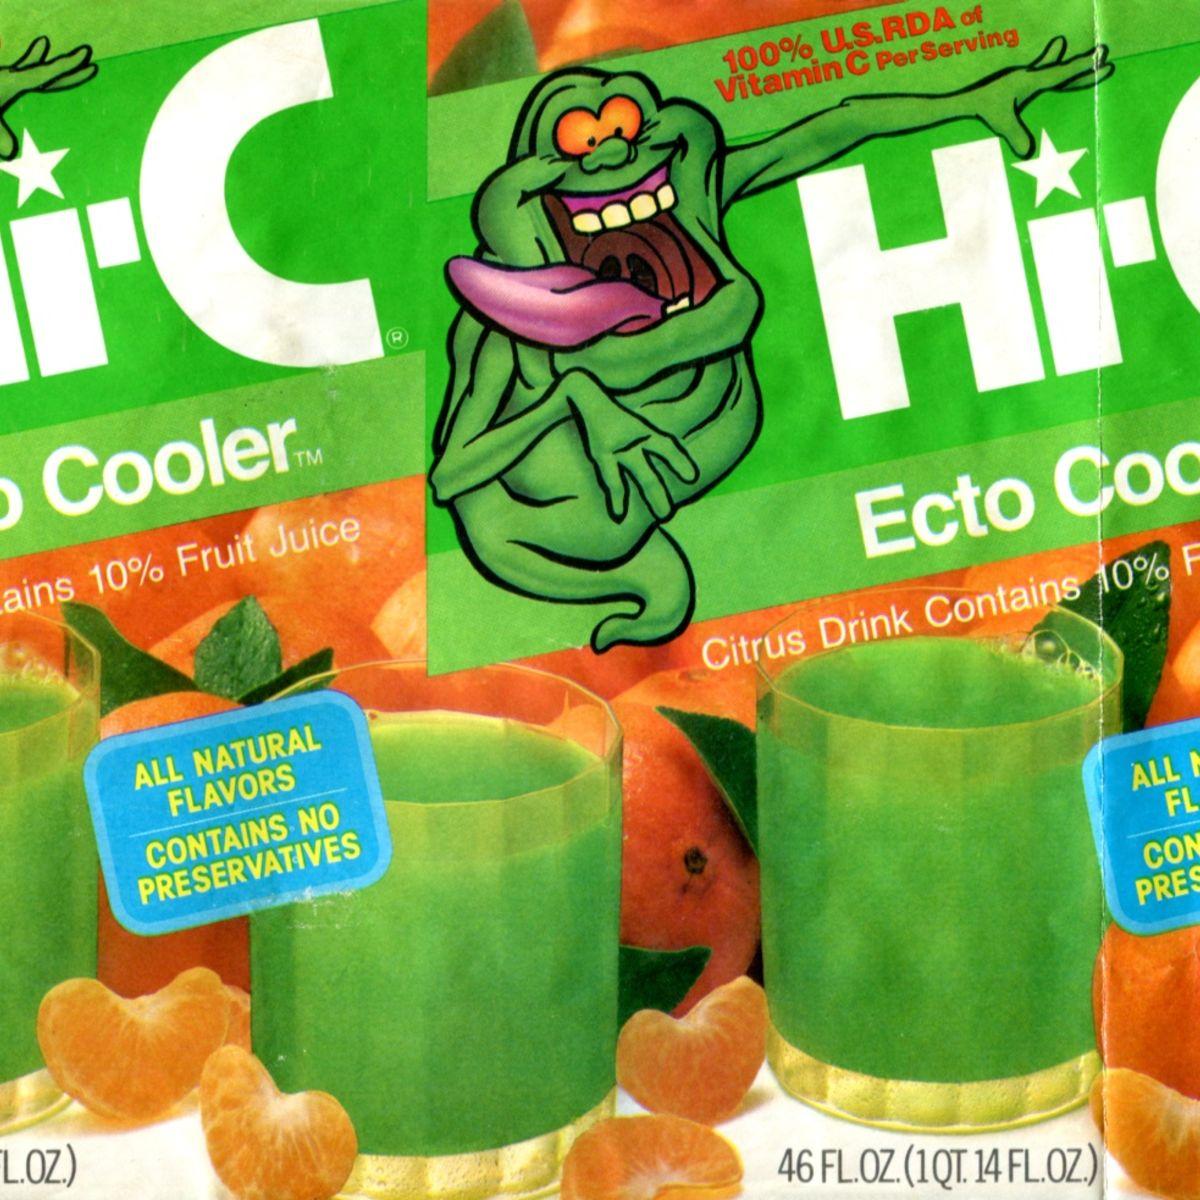 Hi-C_Ecto-Cooler_Can_Label_Original.jpg